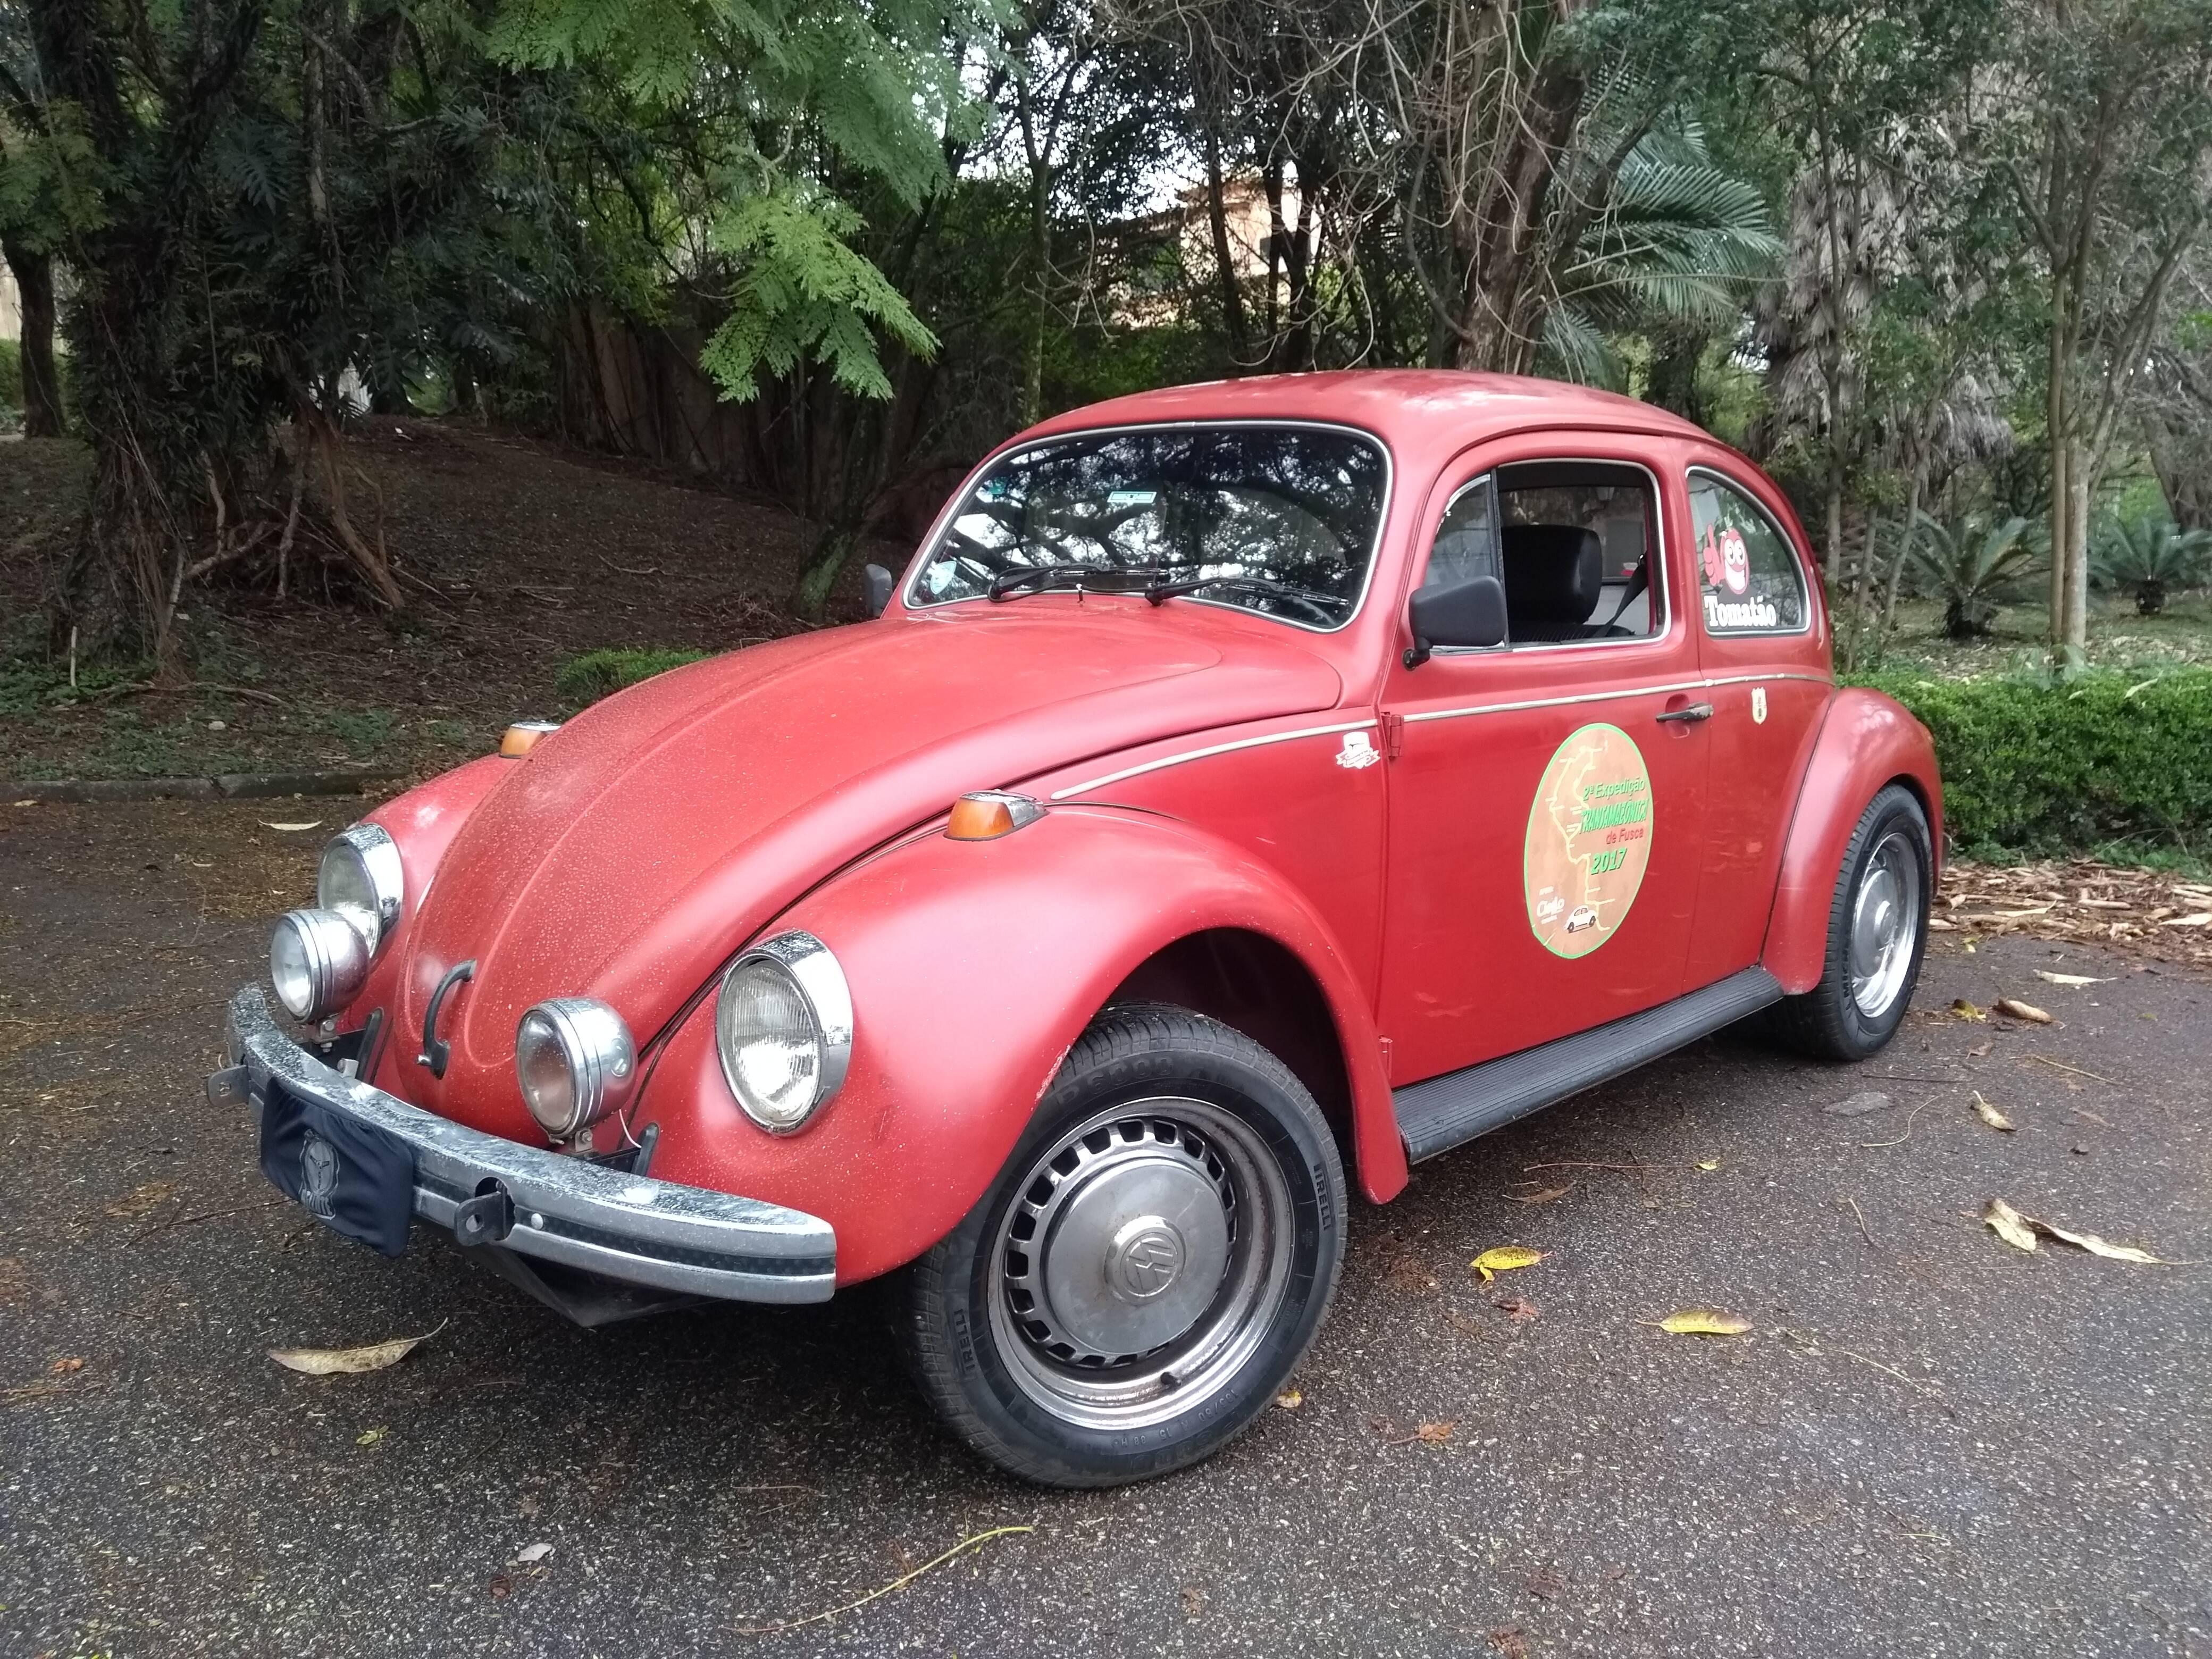 Este VW Fusca começou em Curitiba (PR), saindo de Osasco (SP), e cruzou vários Estados por duas vezes. Foto: Renato Bellote/iG